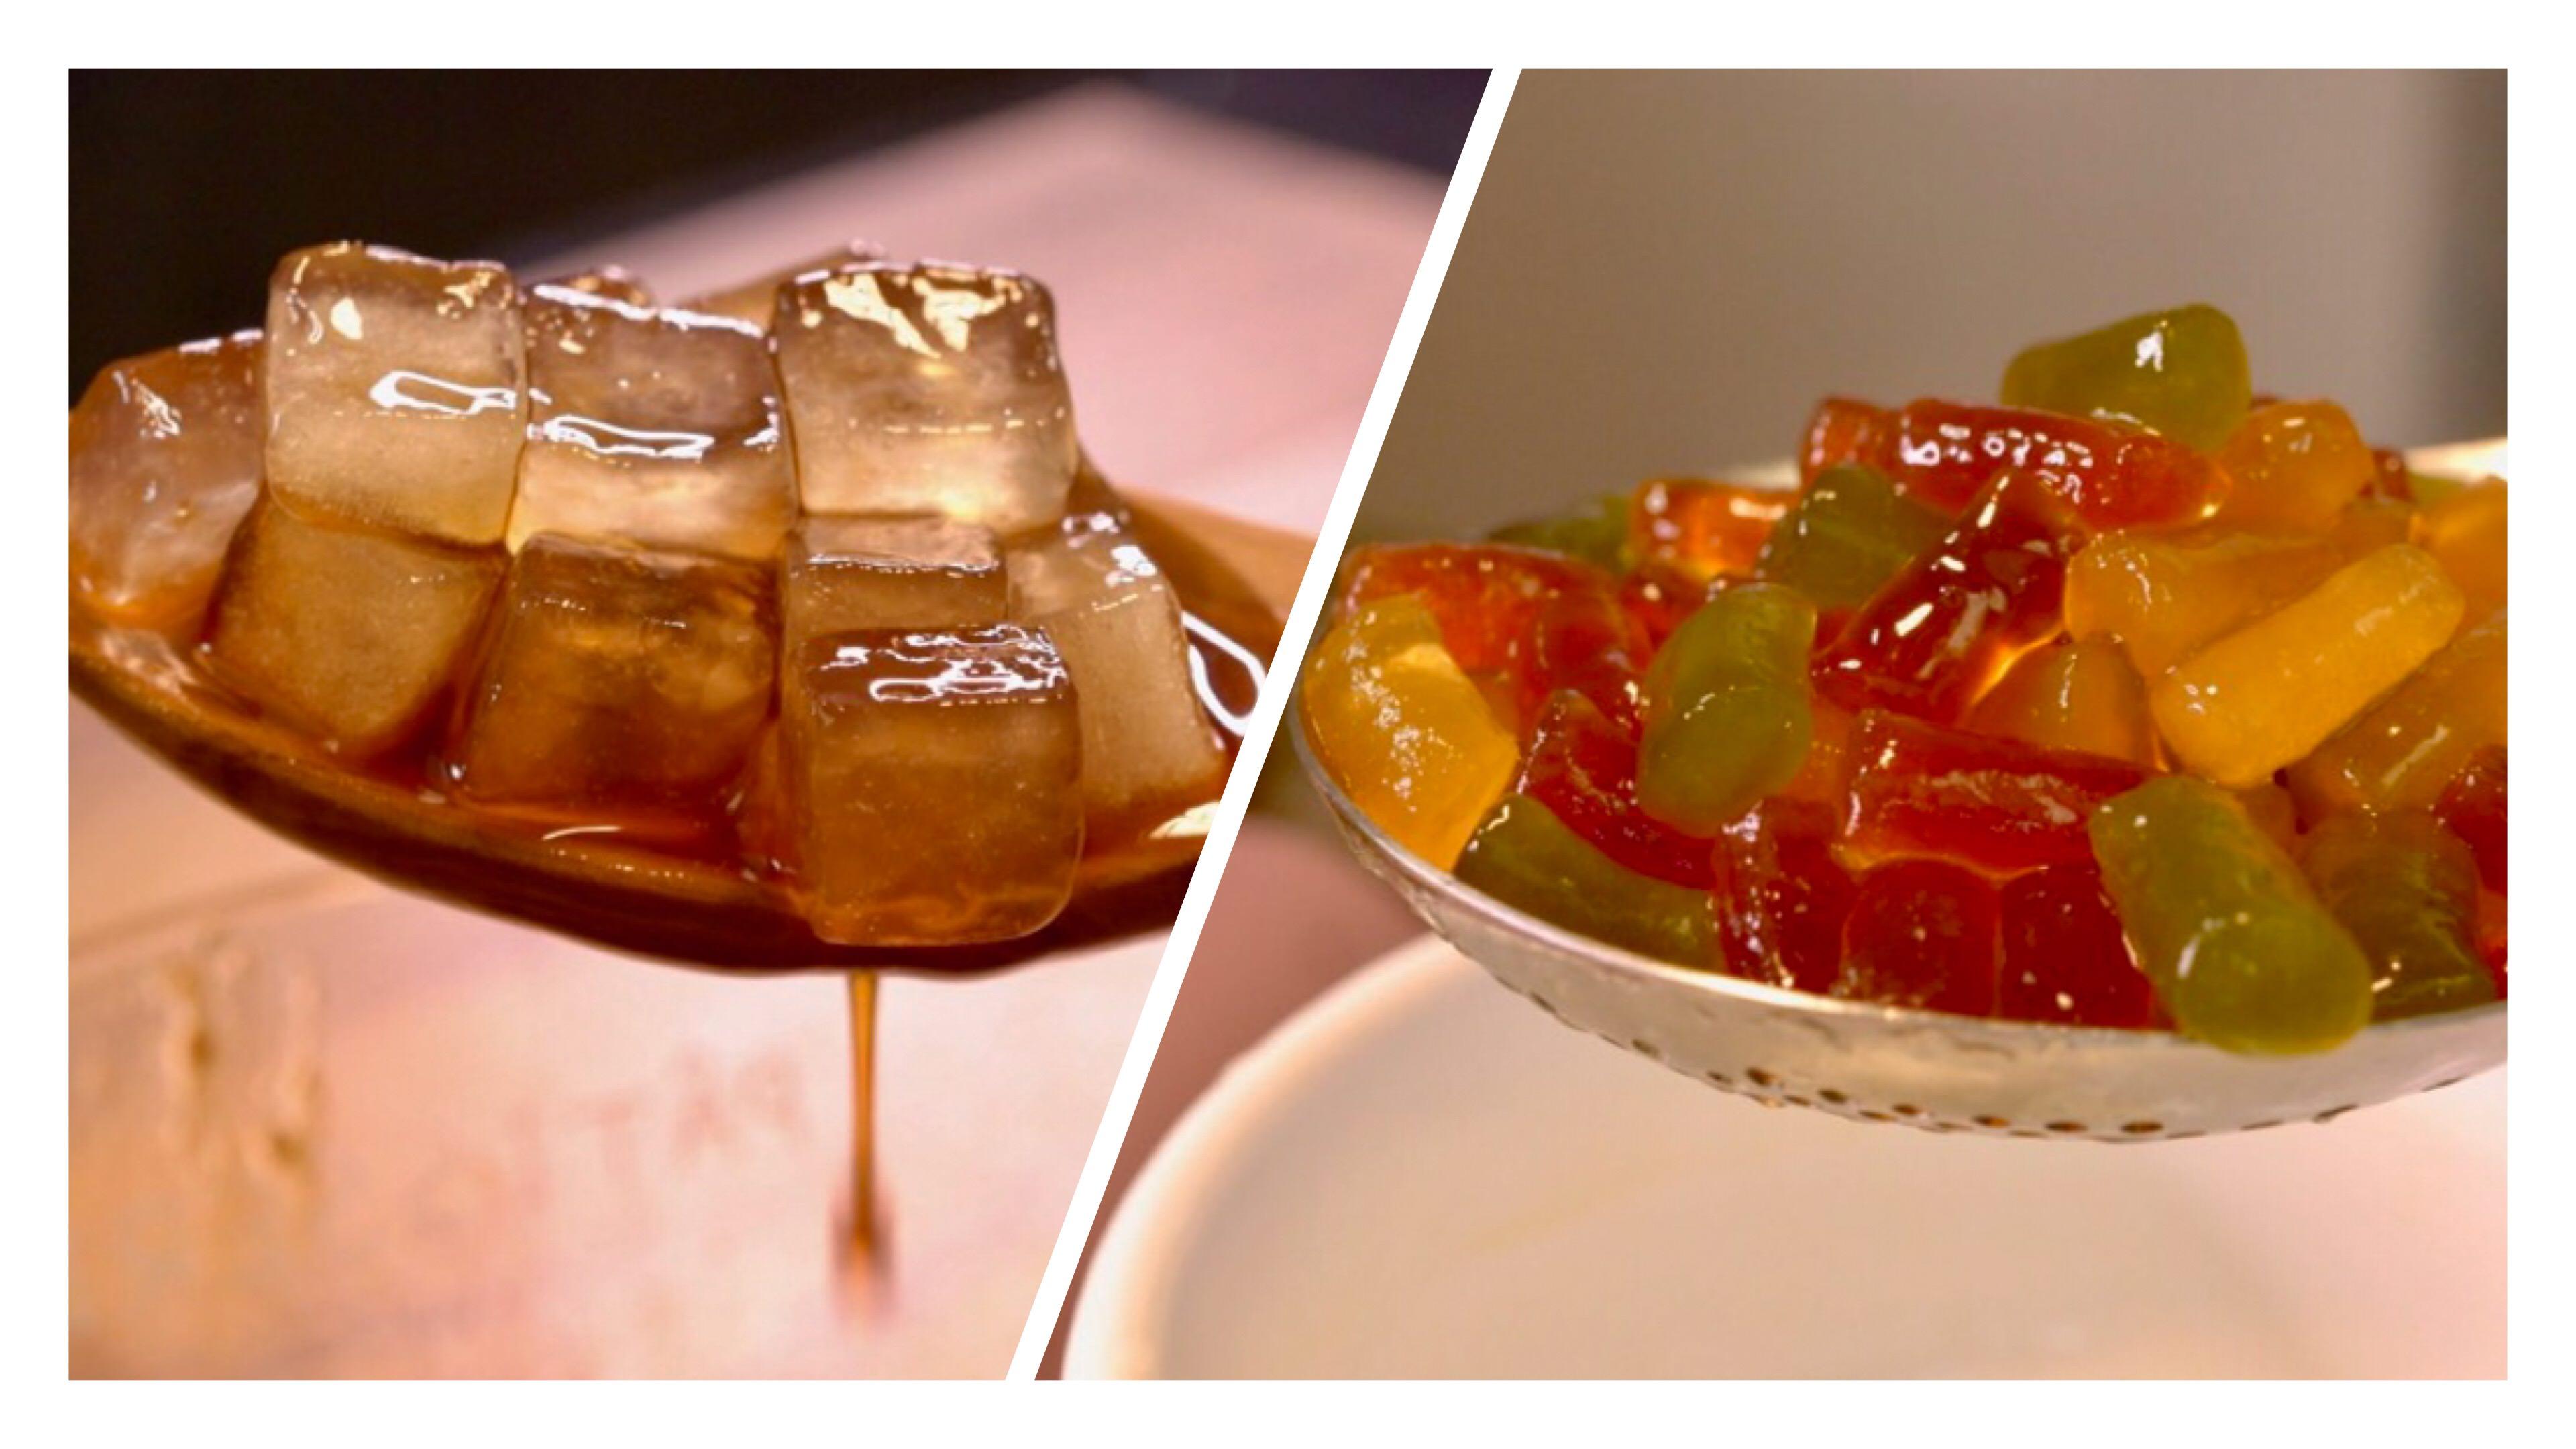 超簡單做QQ圓、脆圓、粉角,天然ㄟ尚好,蔬果原色好安心!